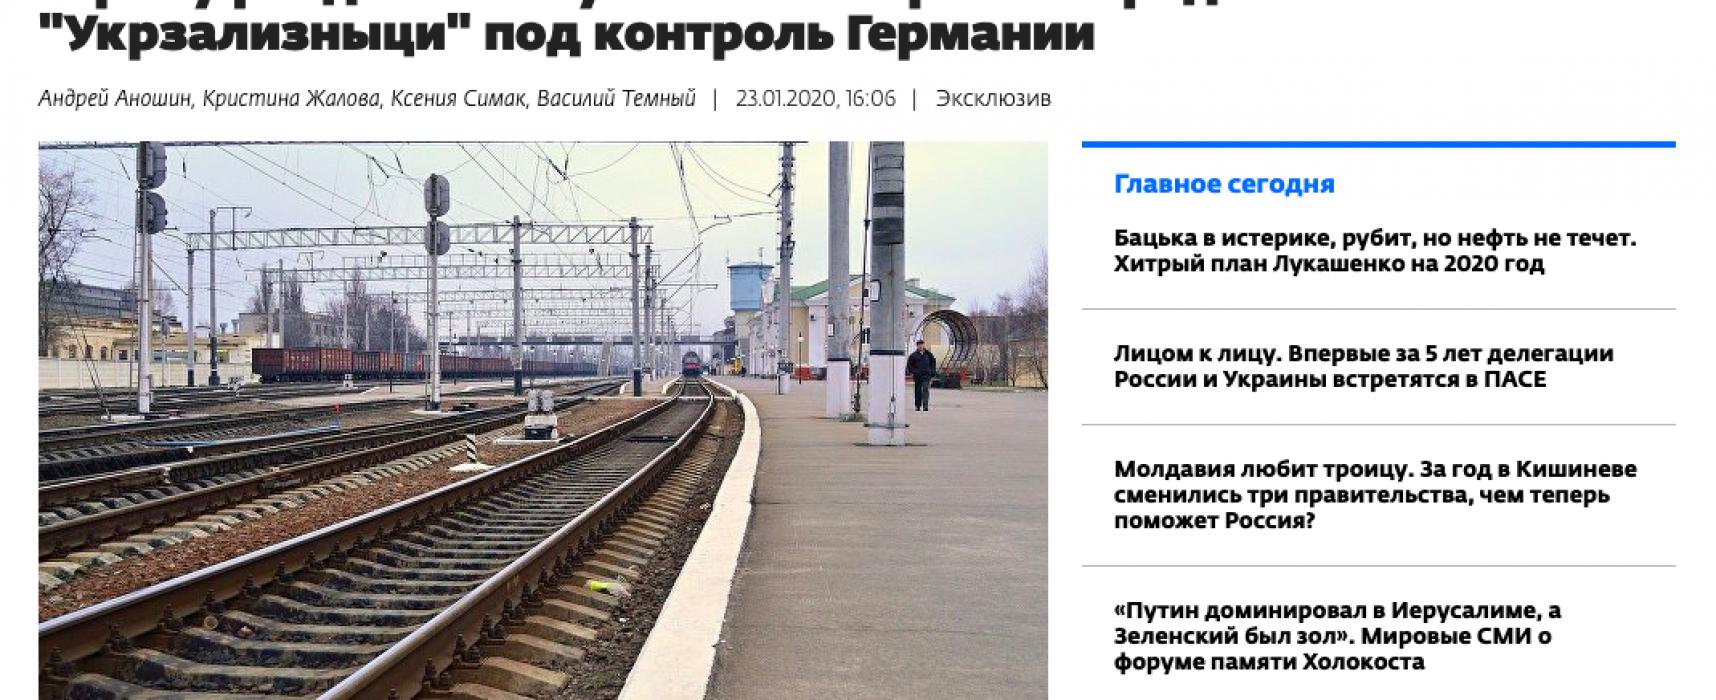 Фейк: Запад «колонизирует» Украину и «рвет на куски» Укрзализныцю